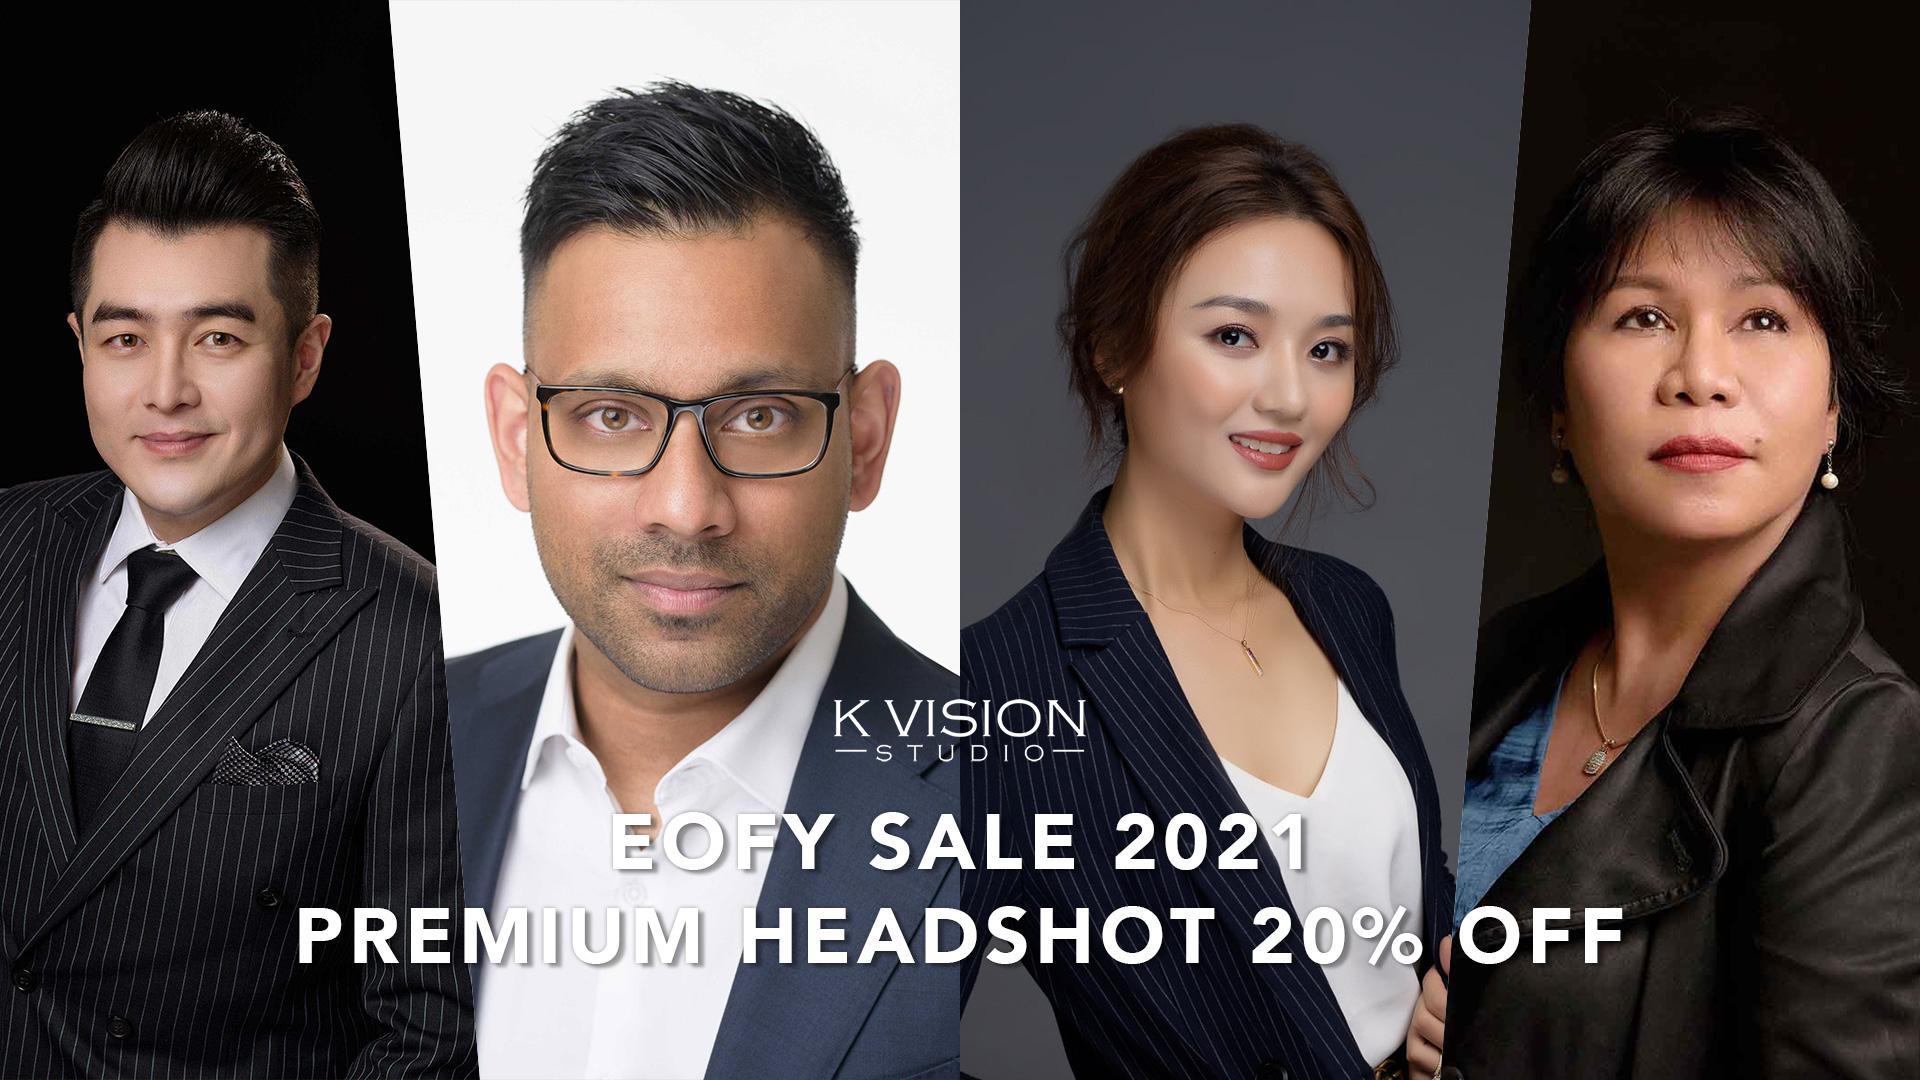 EOFY SALE 2021